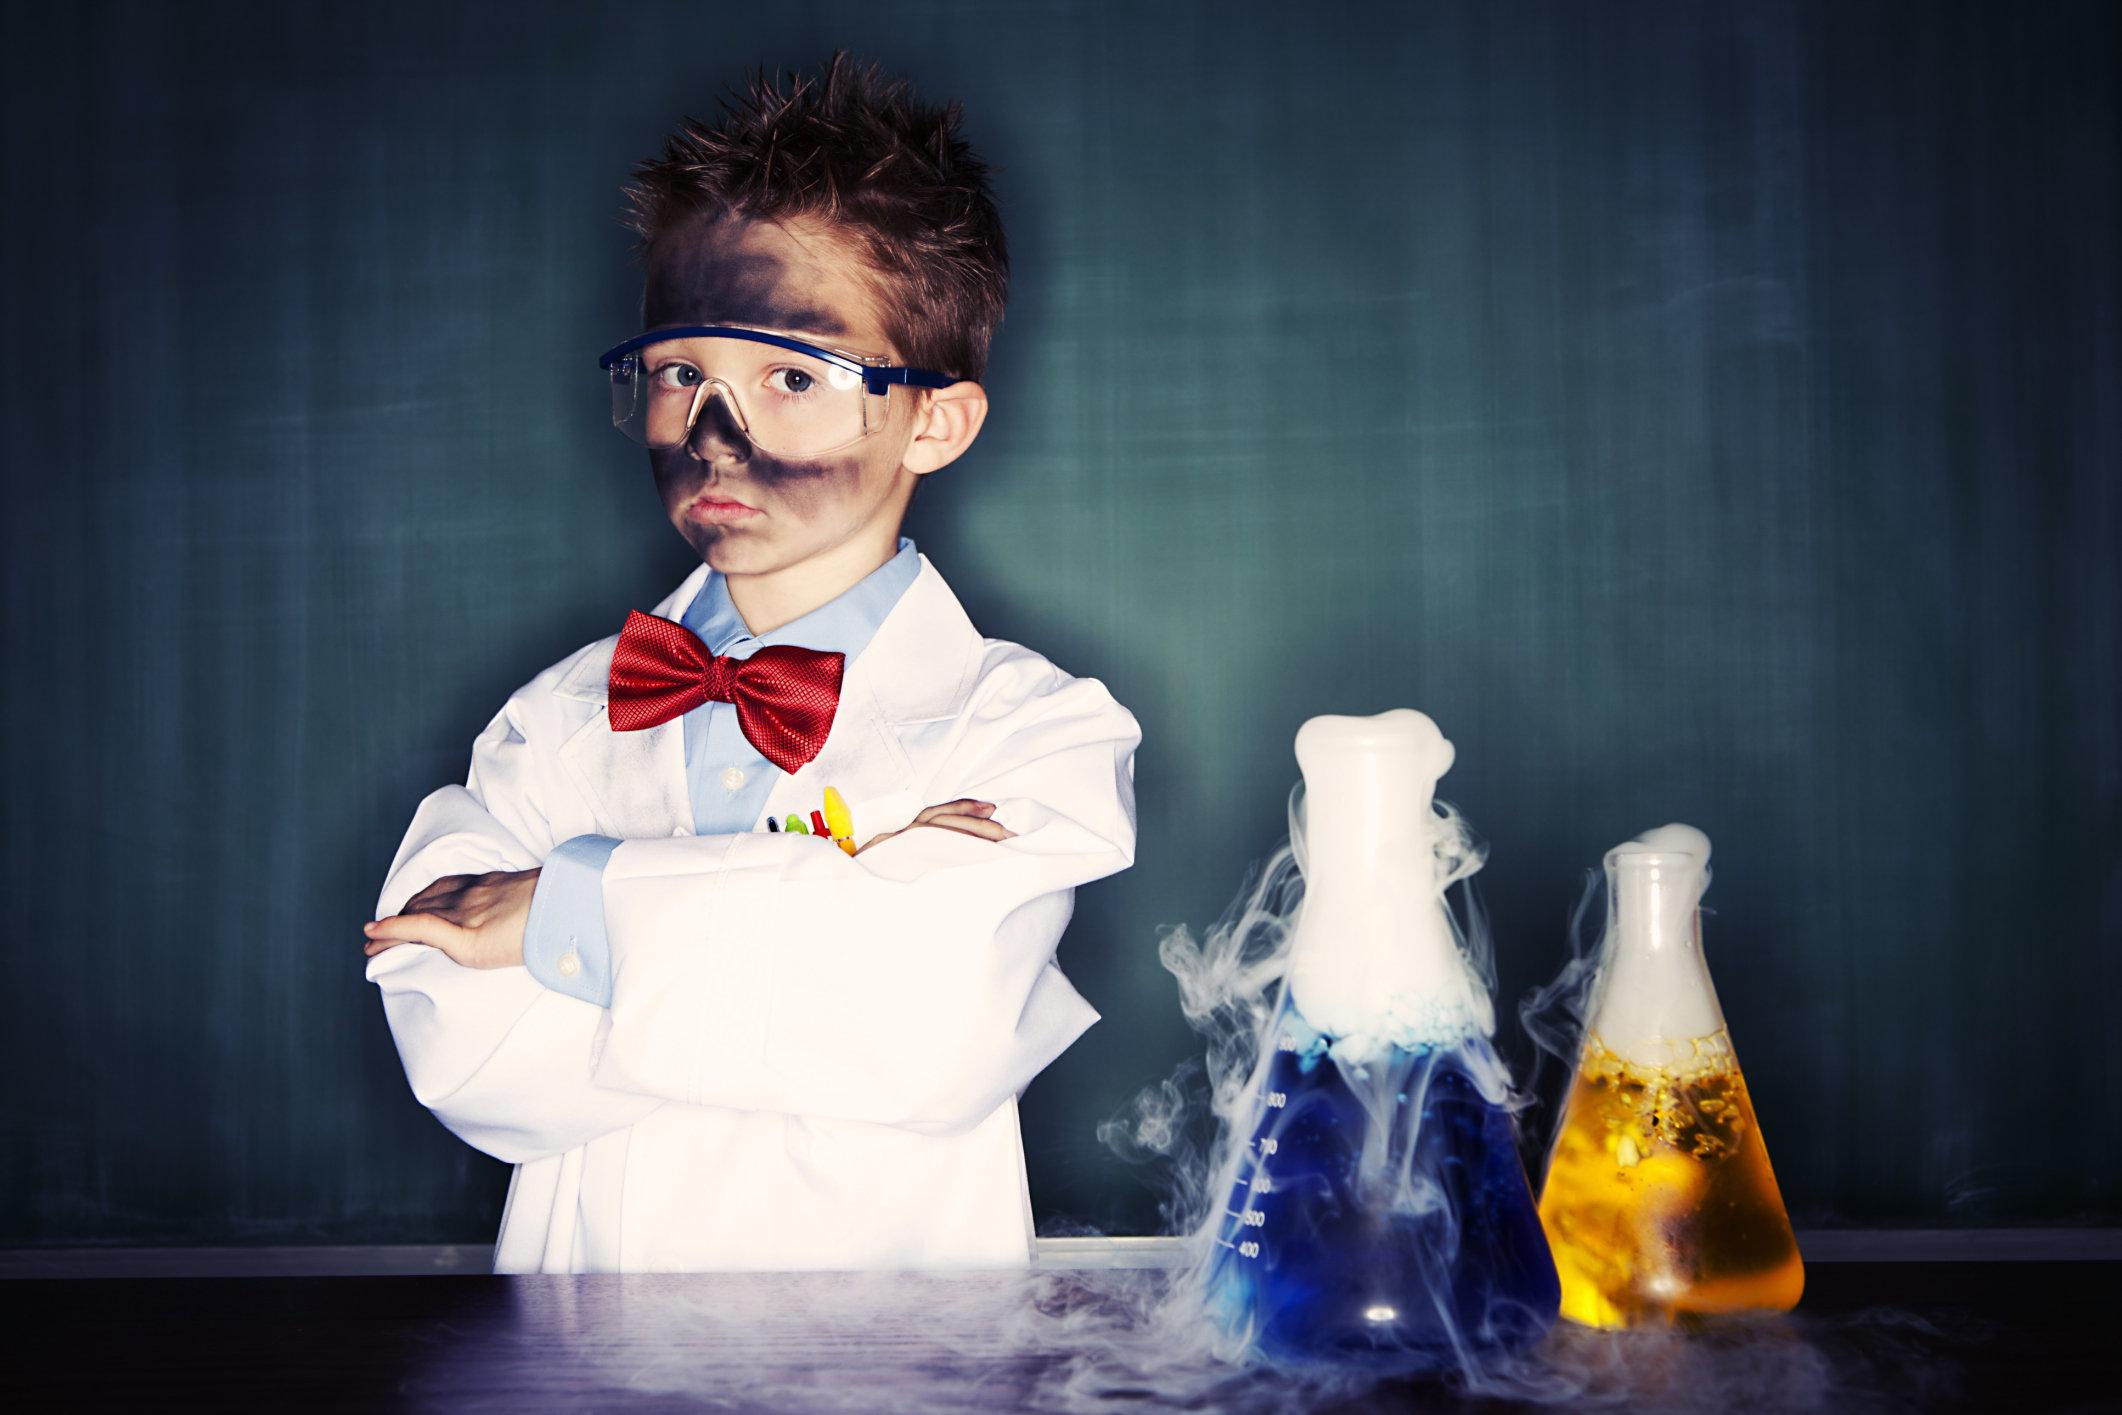 piccolo scienziato